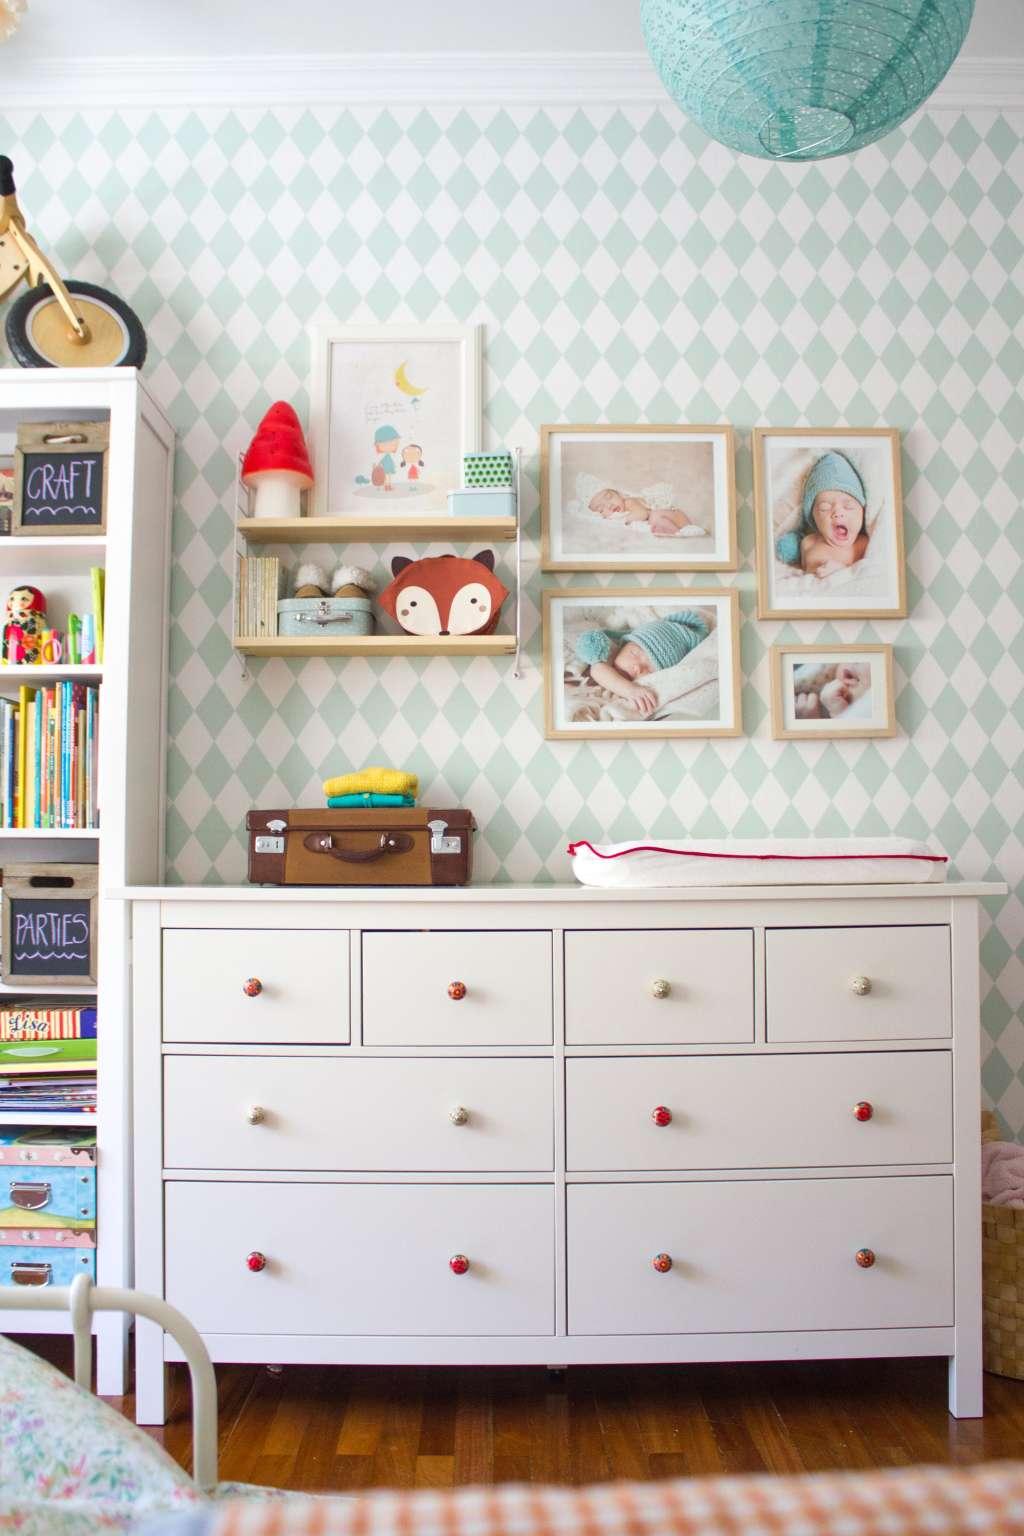 Design Details: Using Knobs & Pulls to Make a Memorable Dresser